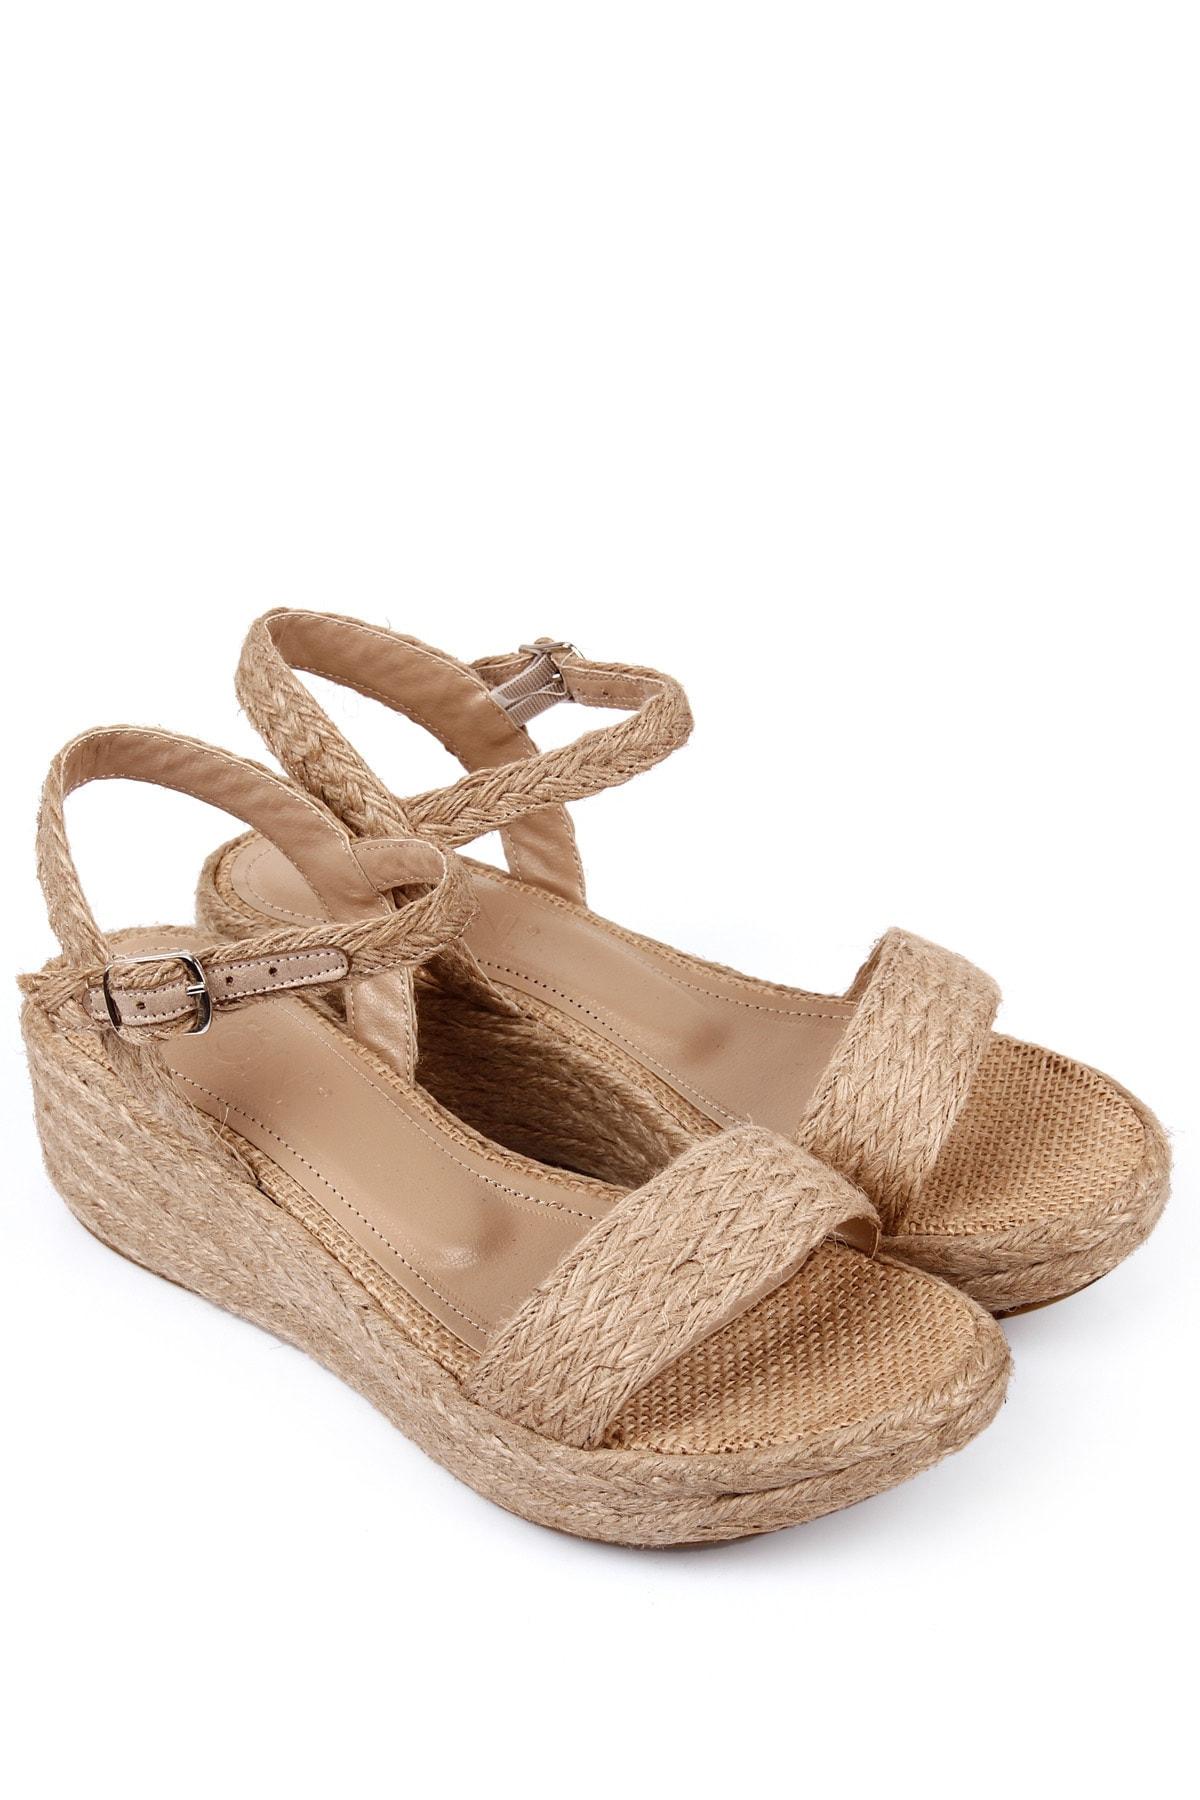 GÖNDERİ(R) Kadın Hasır Sandalet 35771 2